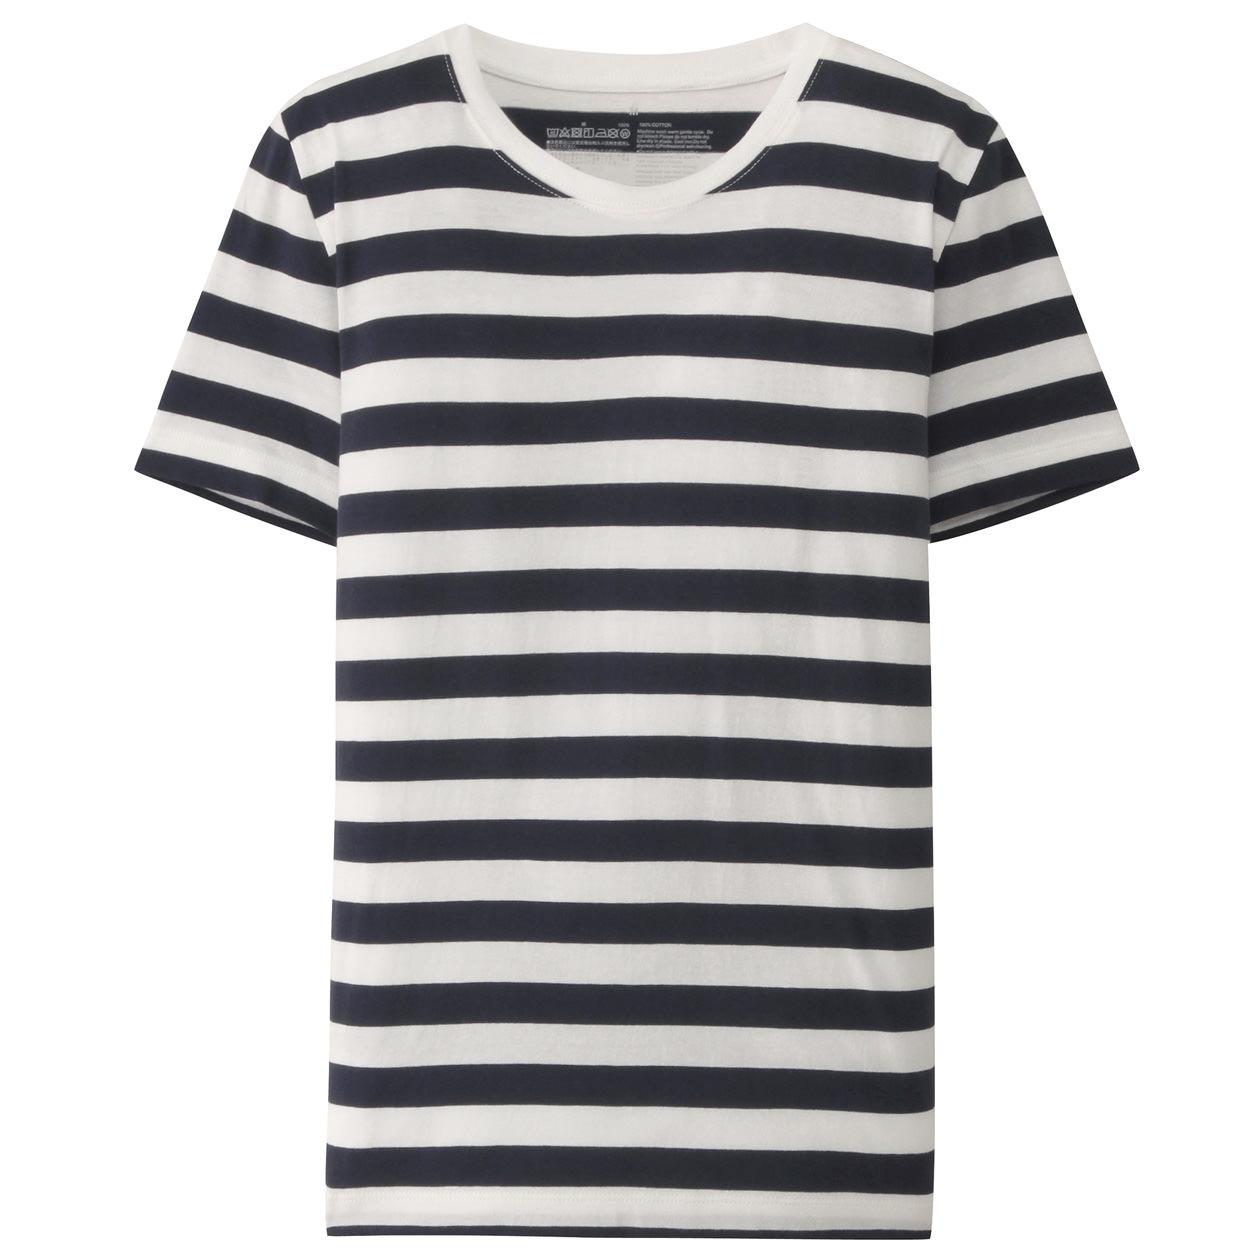 オーガニックコットンクルーネック半袖Tシャツ(ボーダー) 白×ダークネイビー